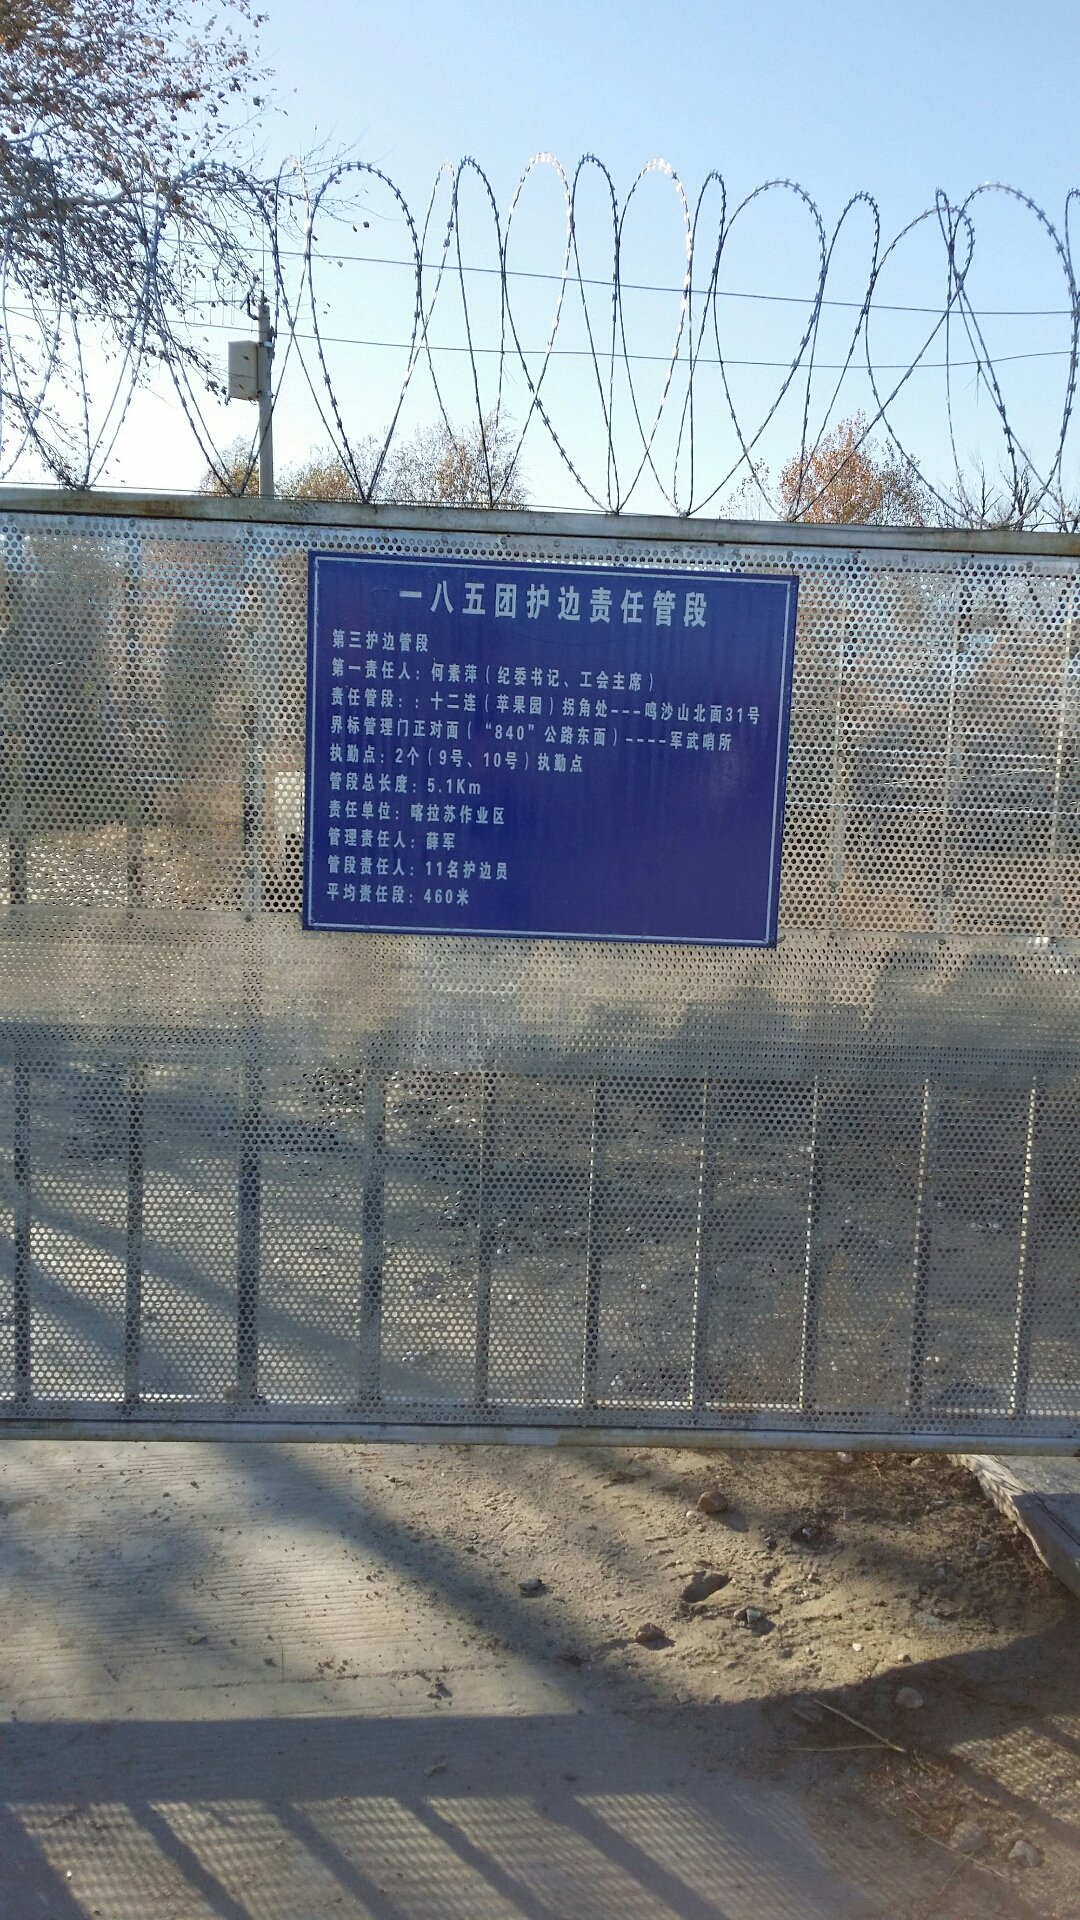 新疆维吾尔自治区阿勒泰地区哈巴河县民主东路靠近紫金大酒店天气预报